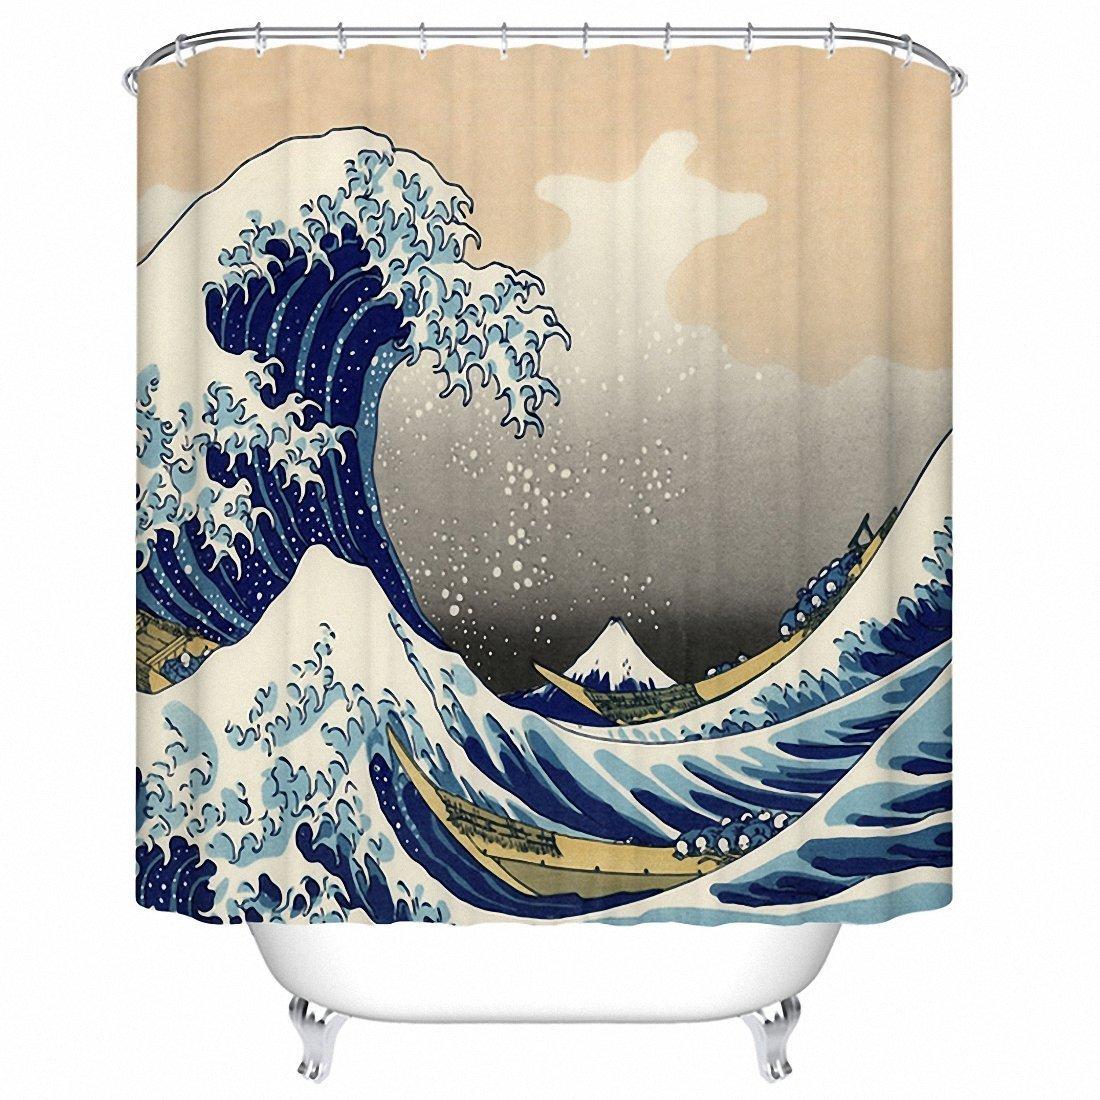 Tenda da doccia impermeabile resistente alla muffa tenda della doccia set con ganci giapponese Sea Wave Style pattern Qihua